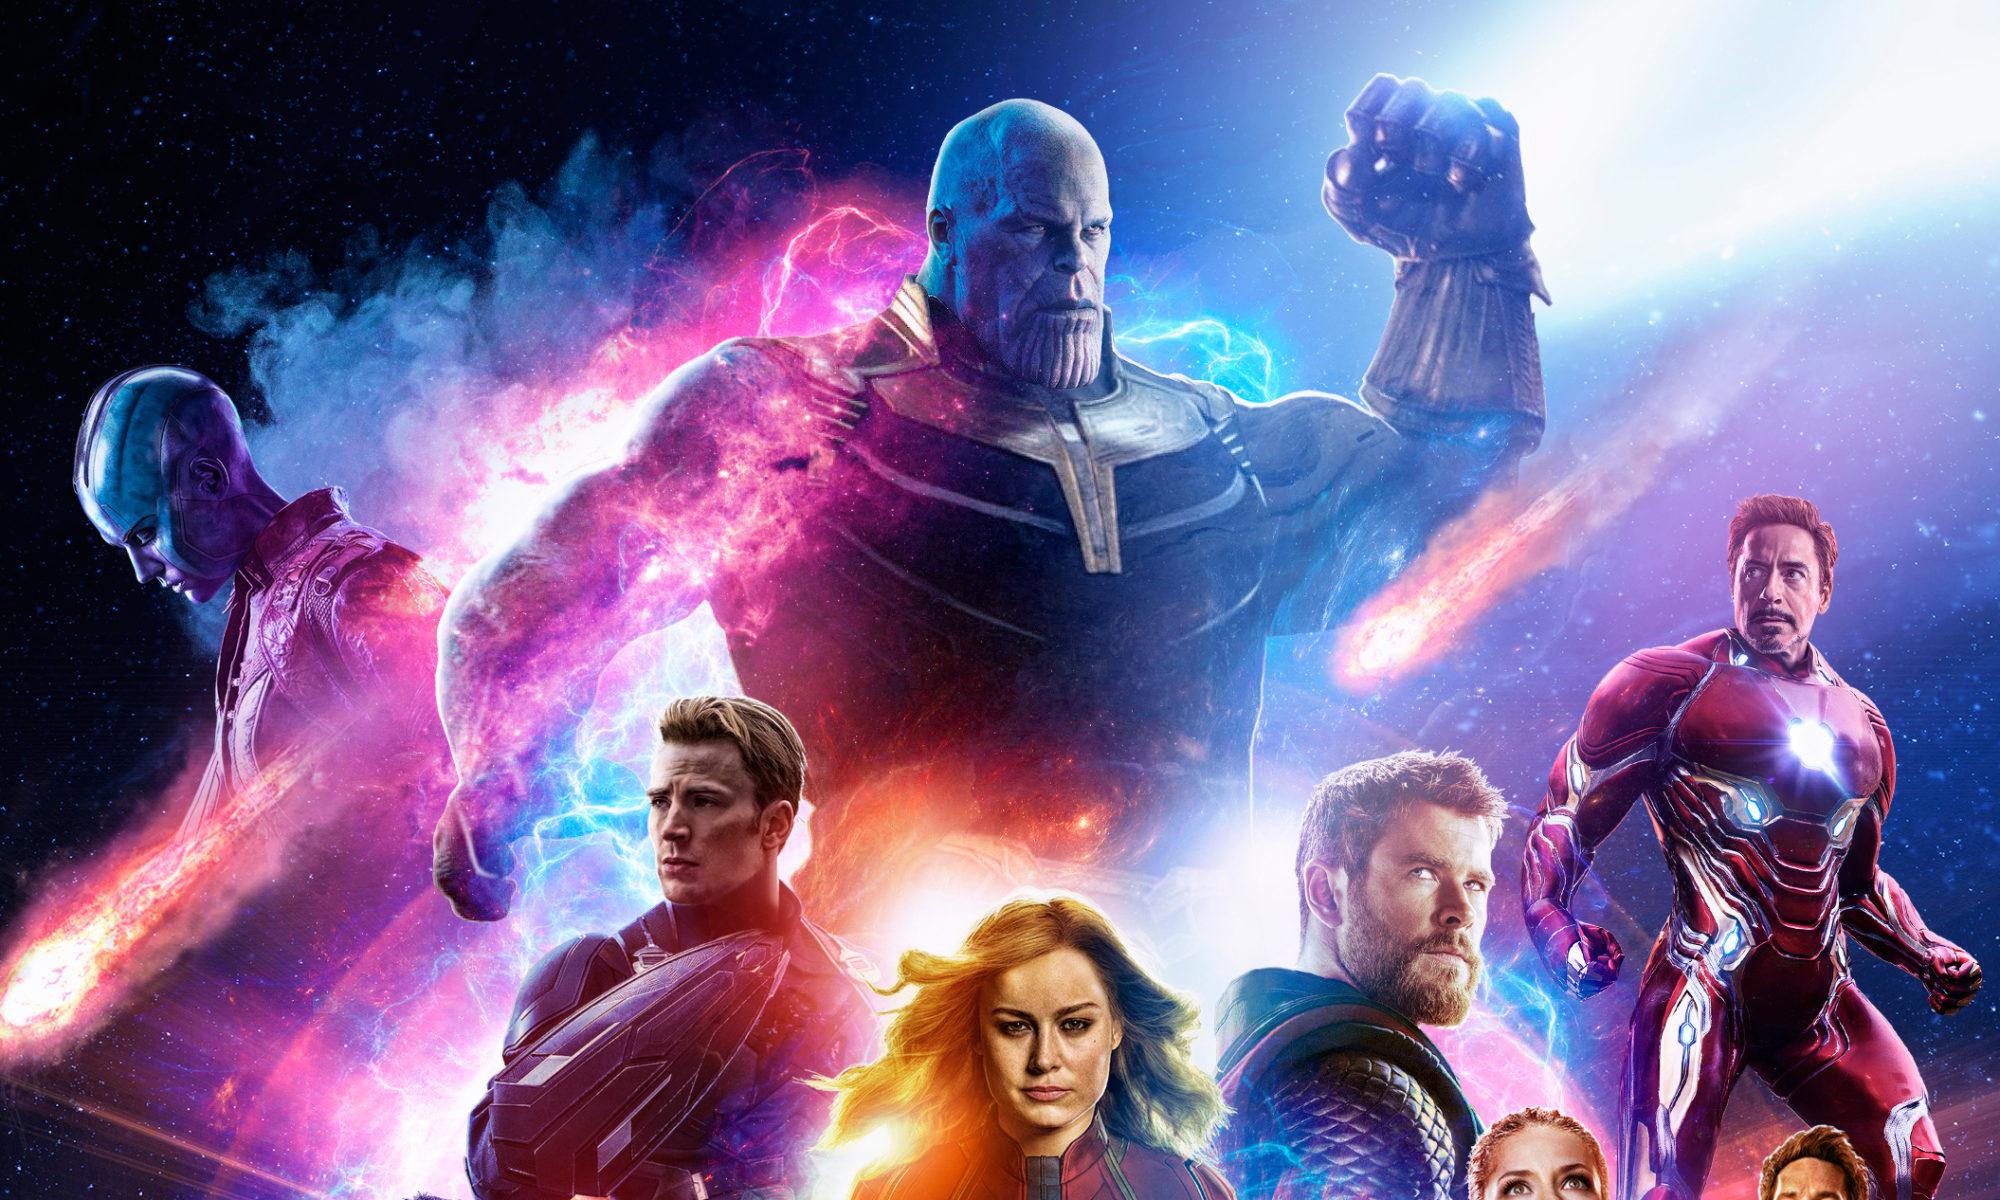 Мстители: Финал побьёт рекорд самого кассового фильма всех времен?